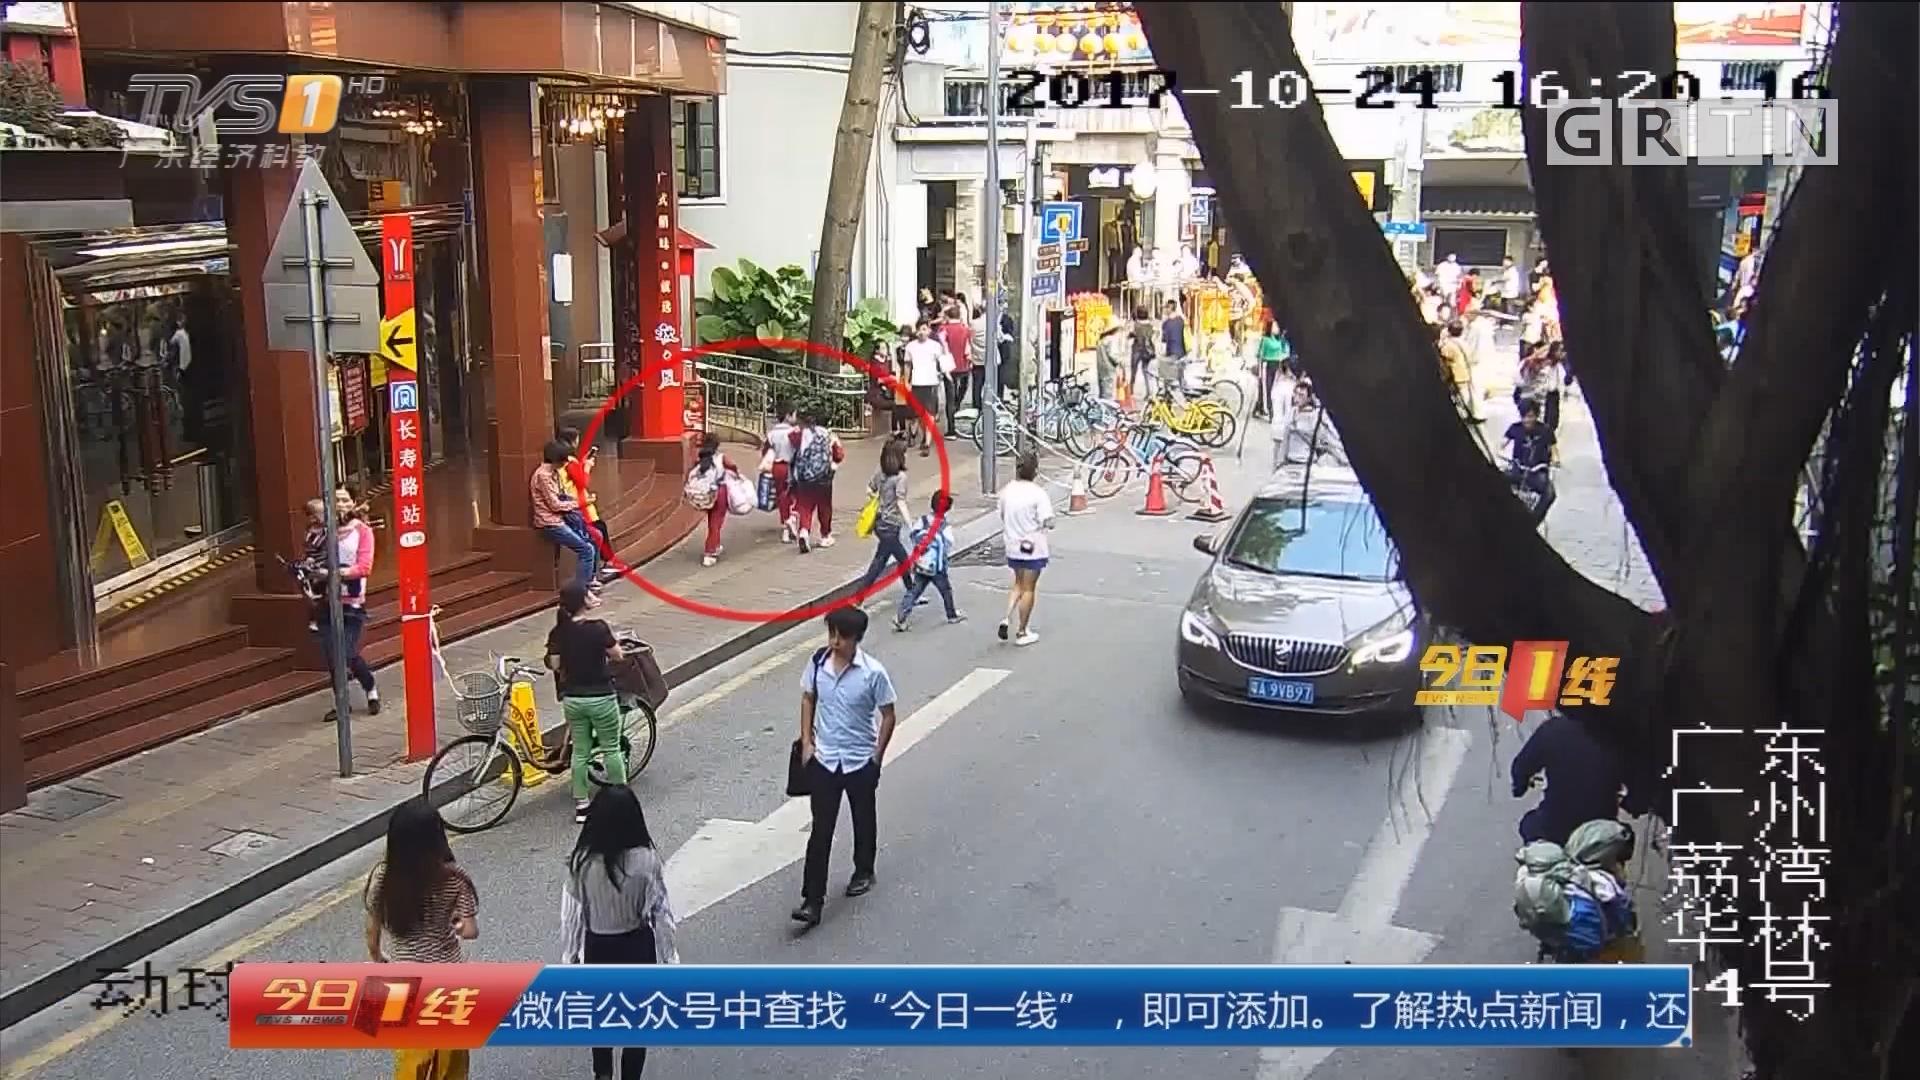 广州荔湾:3小学生游玩后迷路 街坊帮寻家长